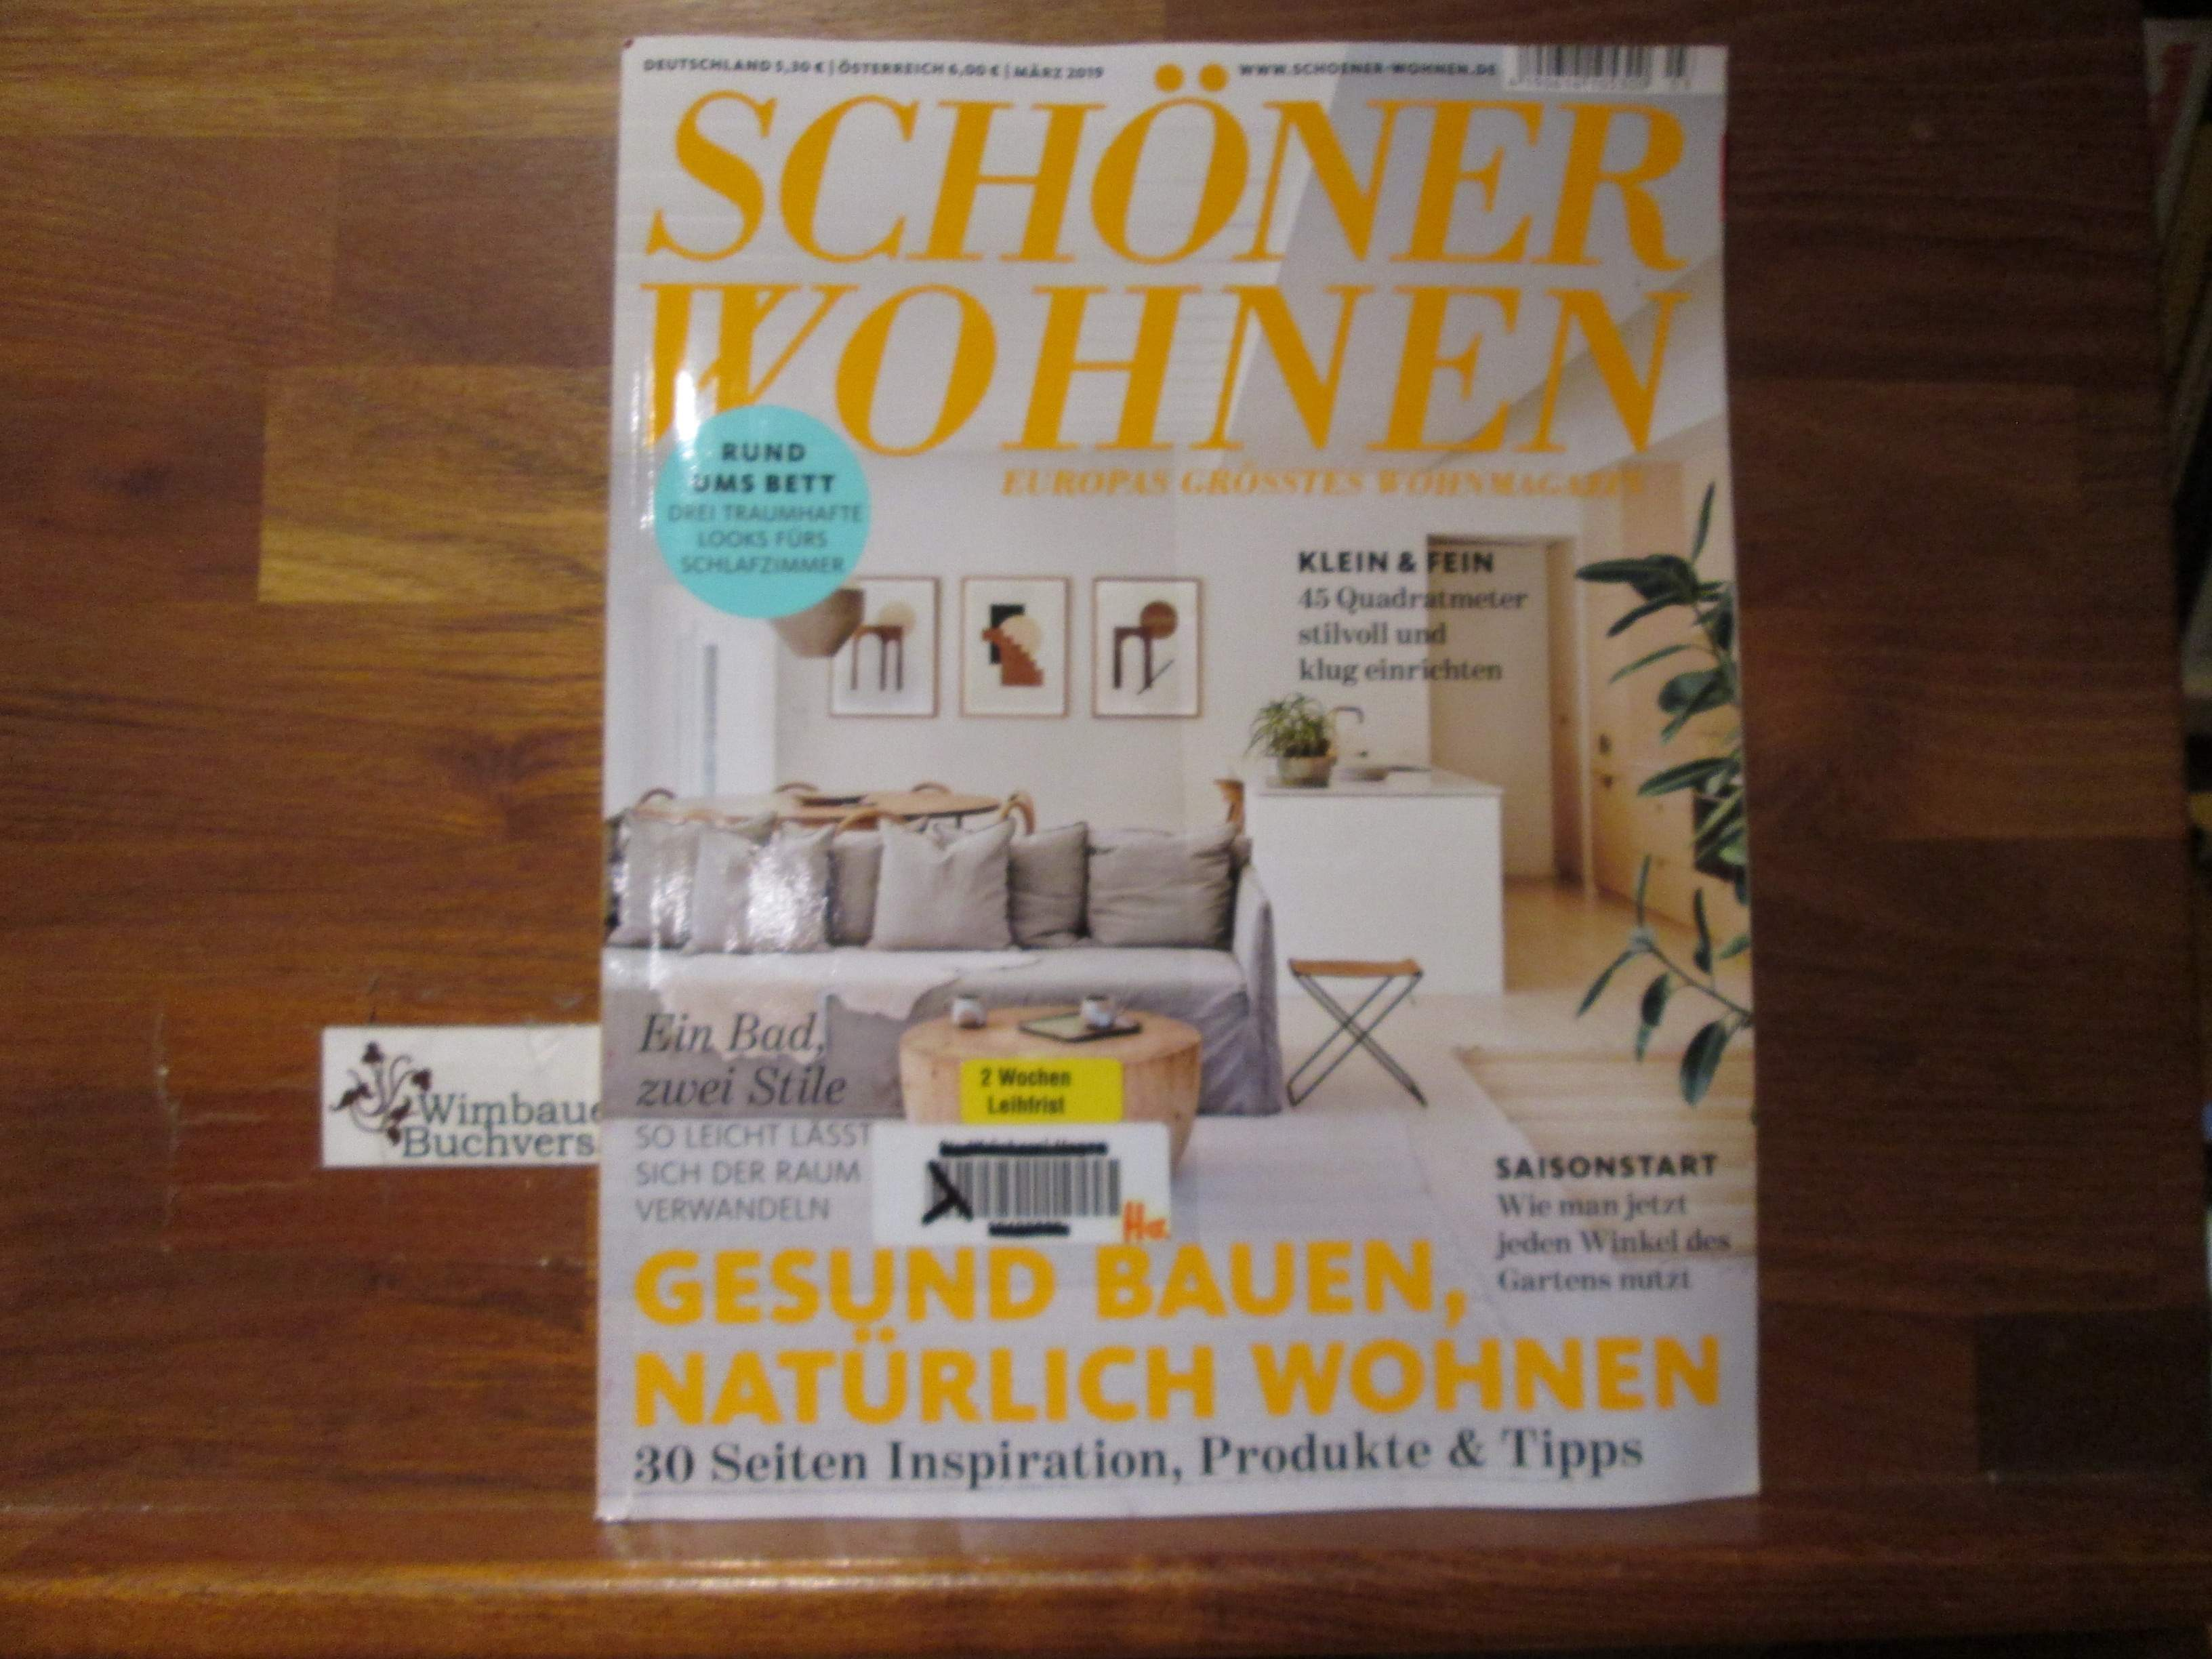 Schöner Wohnen - Europas grösstes Wohnmagazin.- März 2019 Gesund baune, natürlich wohnen